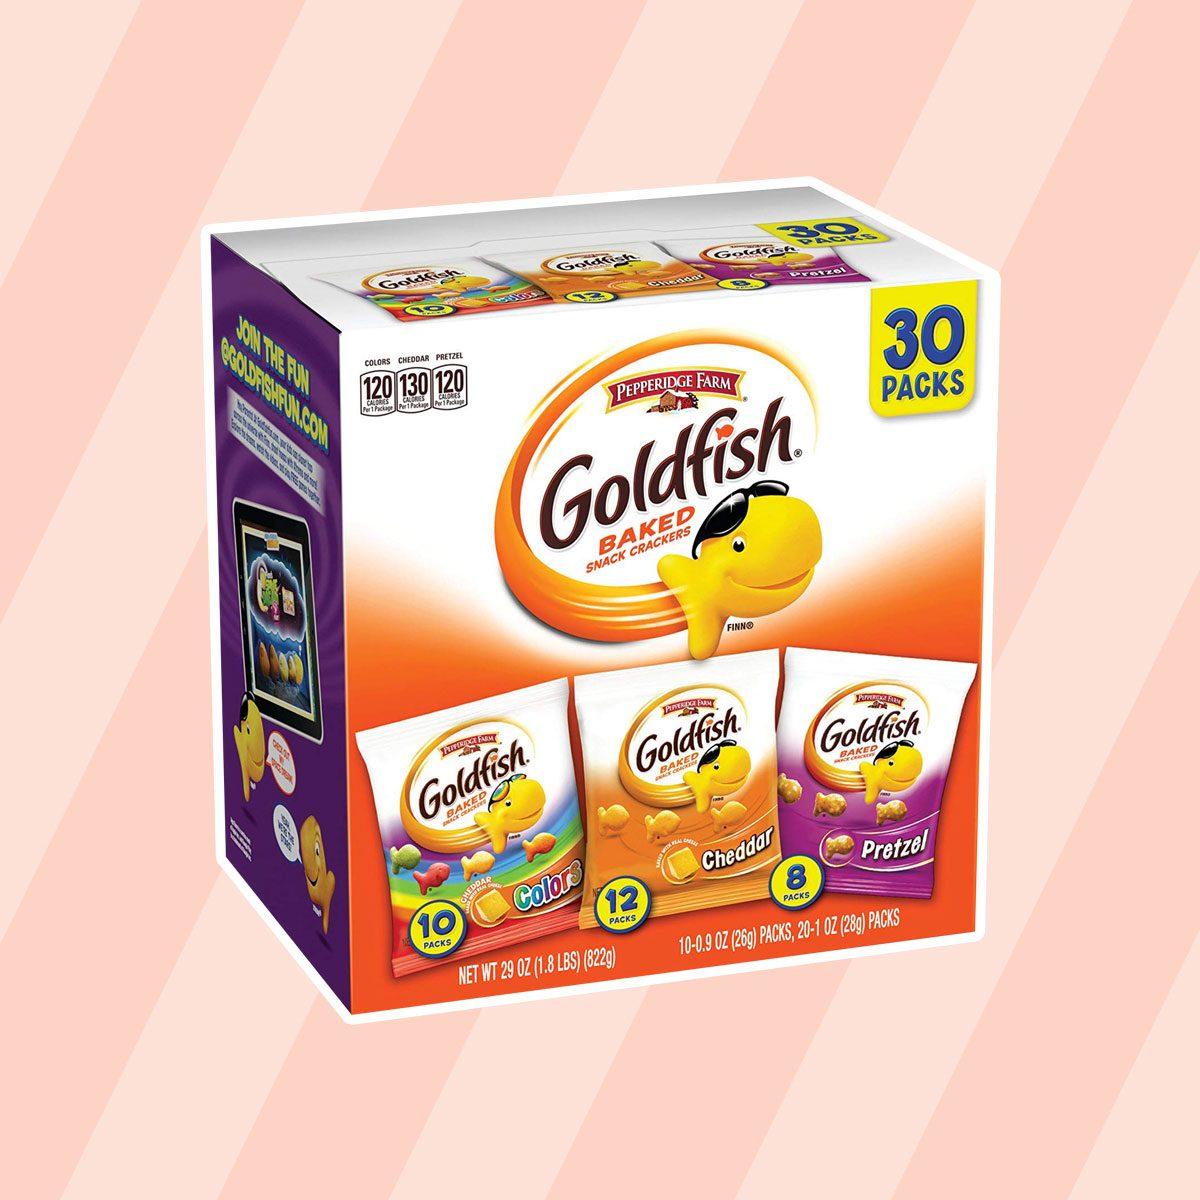 Goldfish Crackers Variety Pack